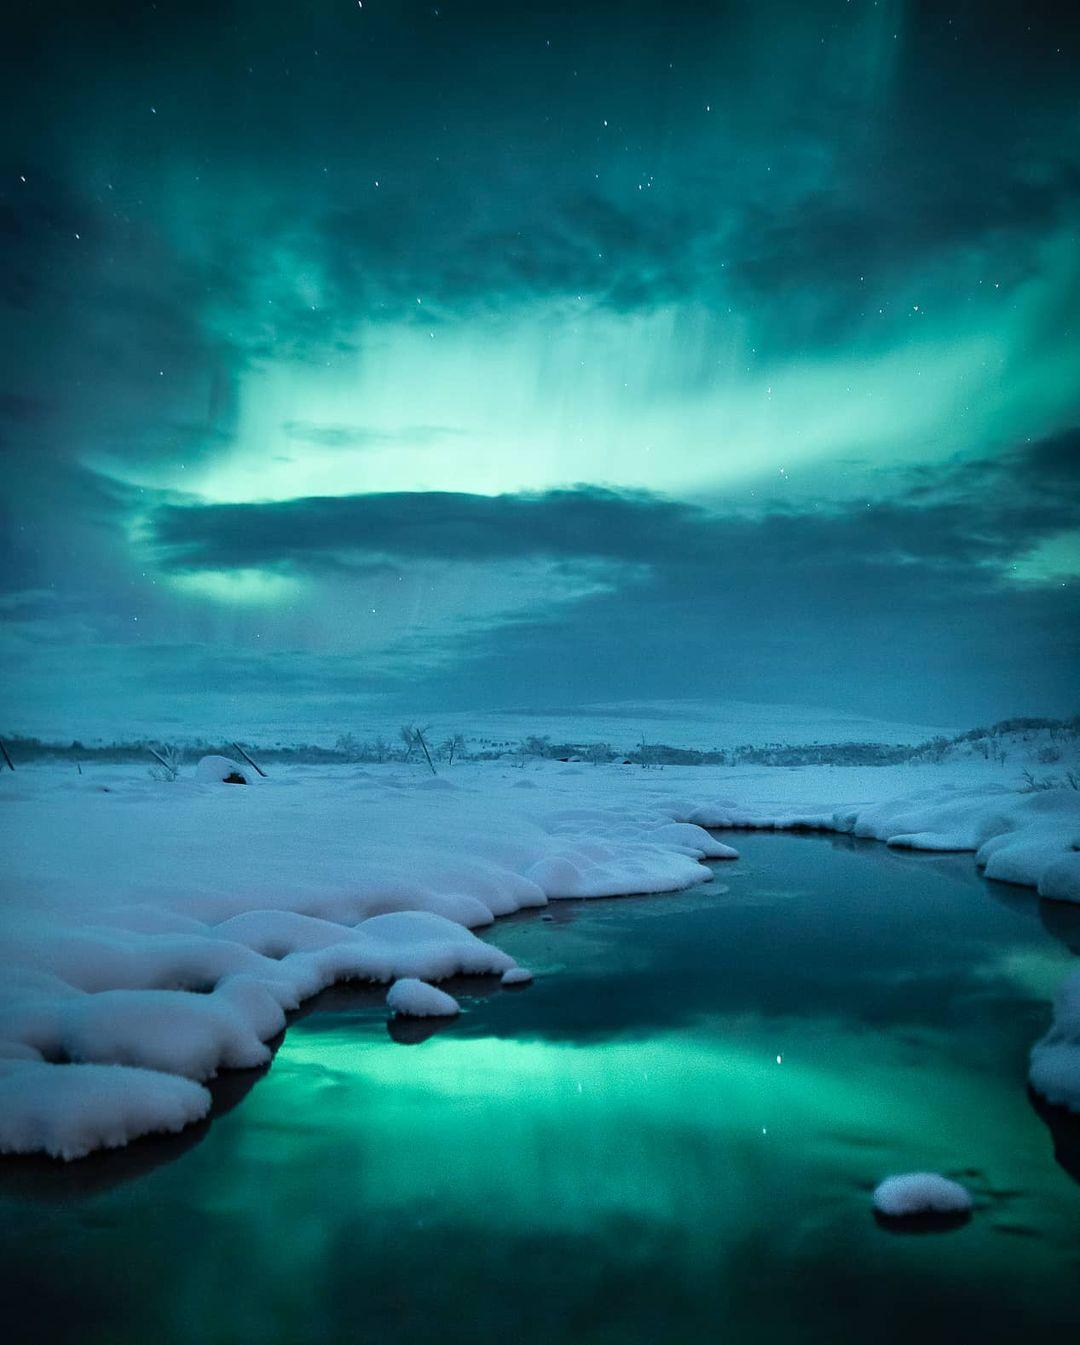 Красота северного сияния на снимках Микко Ристамяки